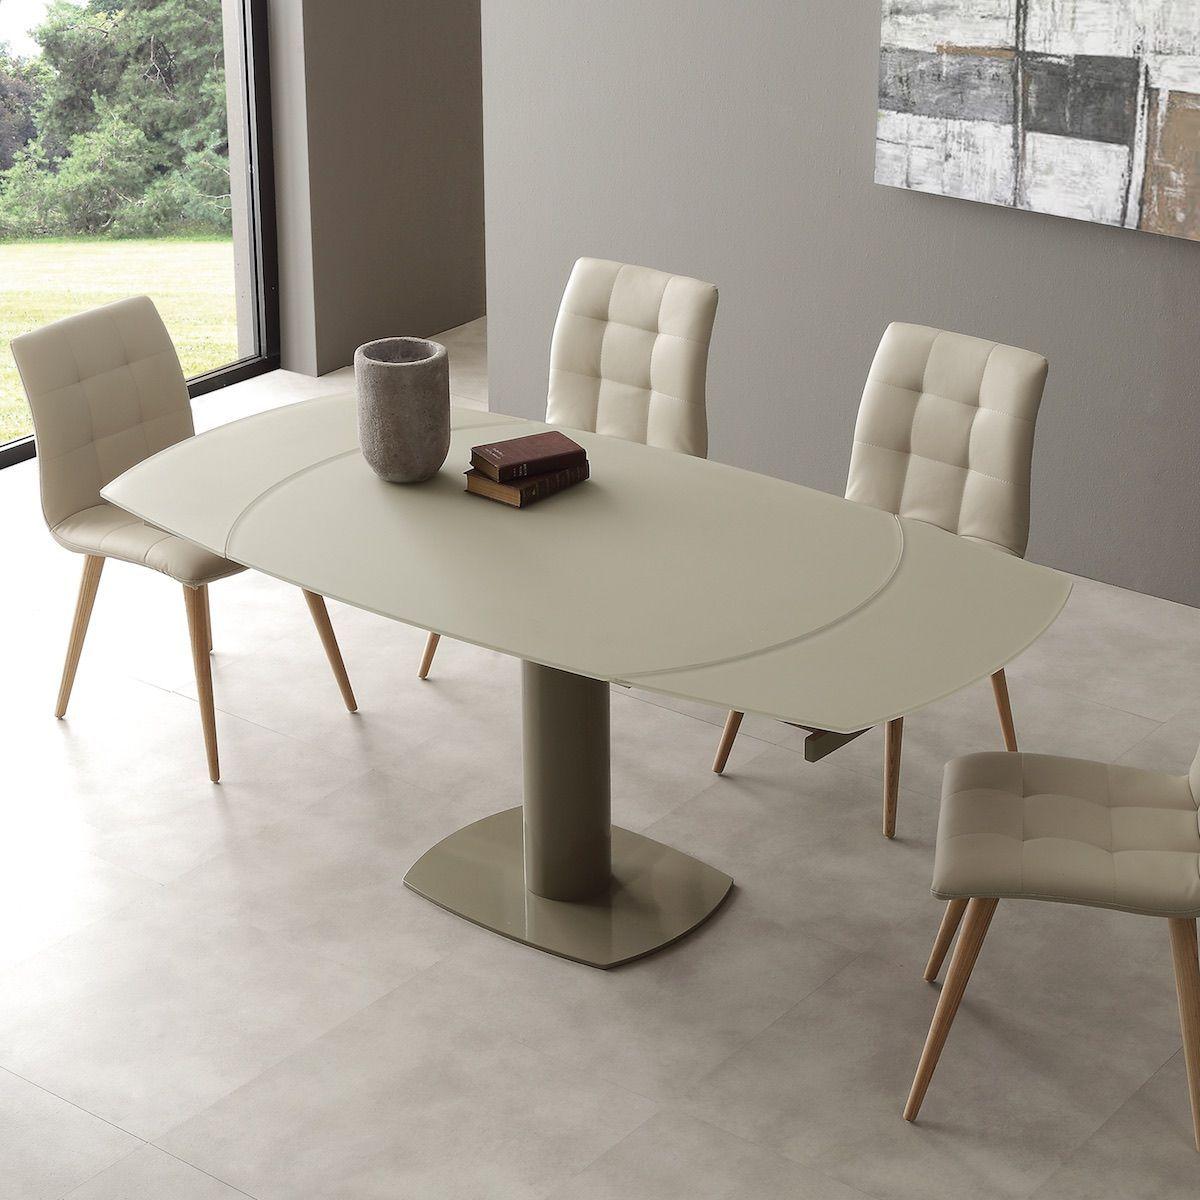 Tavolo Allungabile Malachi Design Moderno Vetro 10 Mm Malachi E Il Tavolo Ovale Che Con Il Suo Sistema Tecnologi Tavolo Allungabile Design Moderno Coprisedia